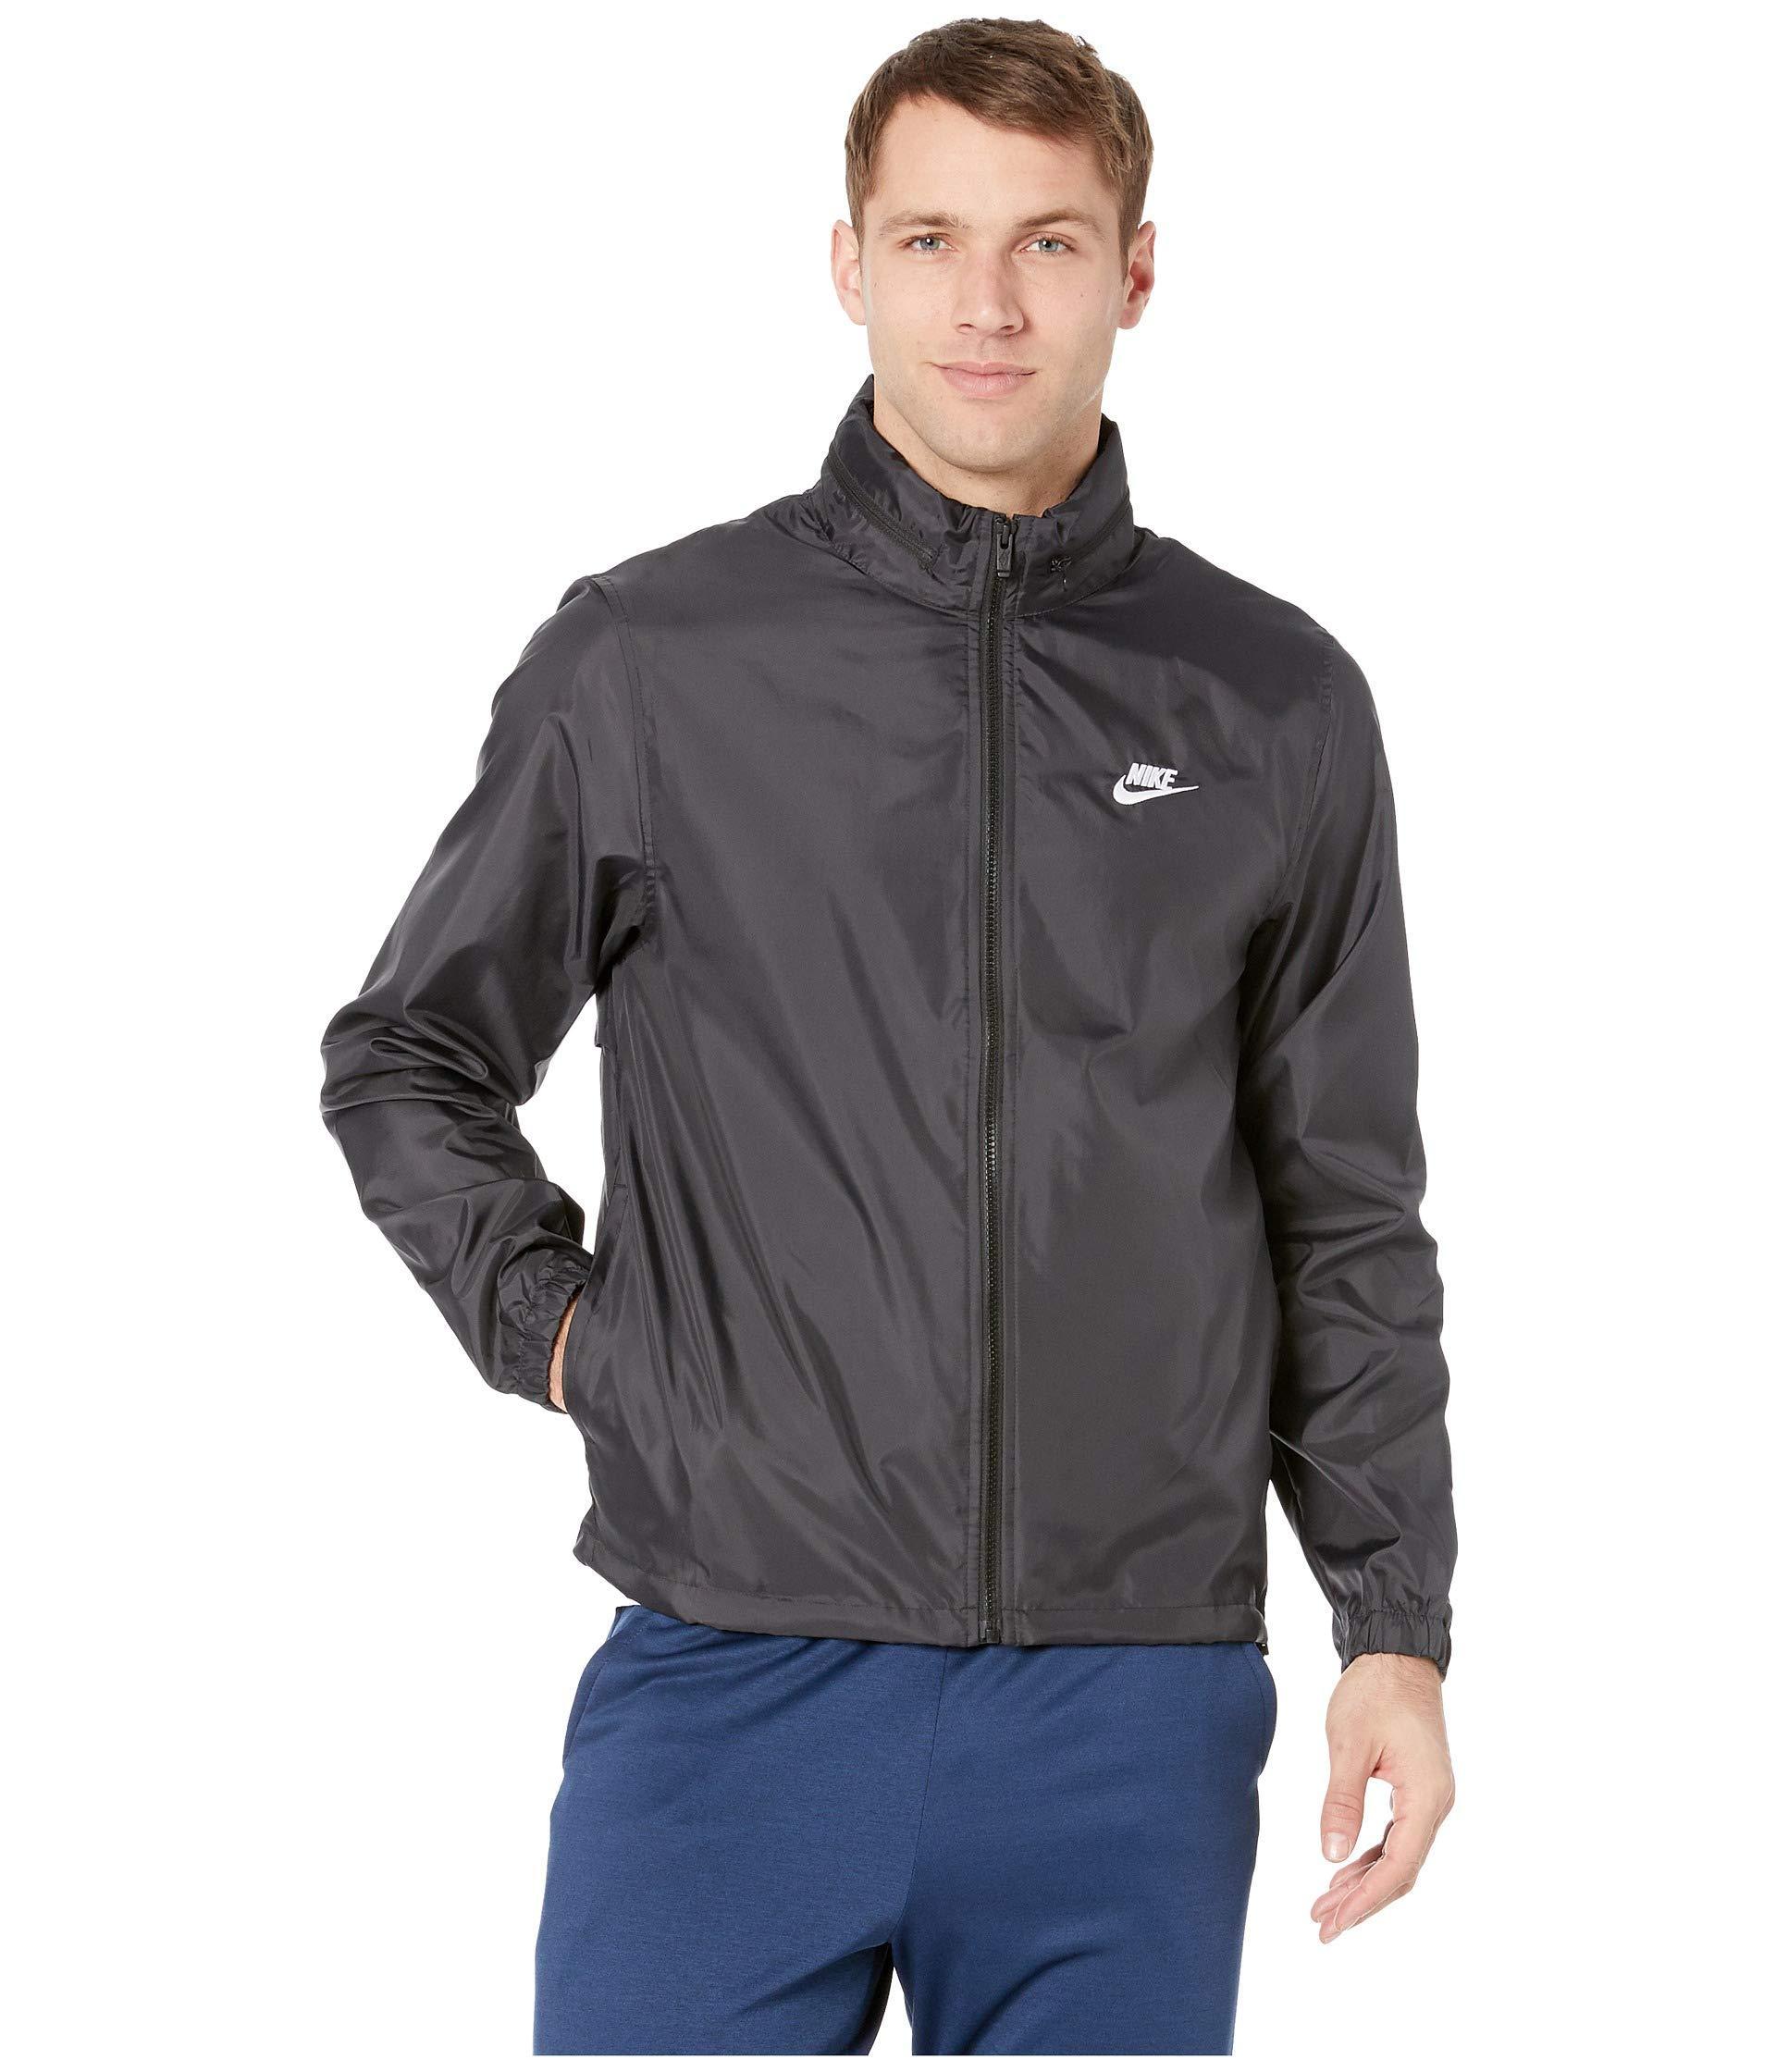 Lyst - Nike Nsw Hooded Woven Windbreaker Jacket (black white) Men s ... 24736f70ef2d